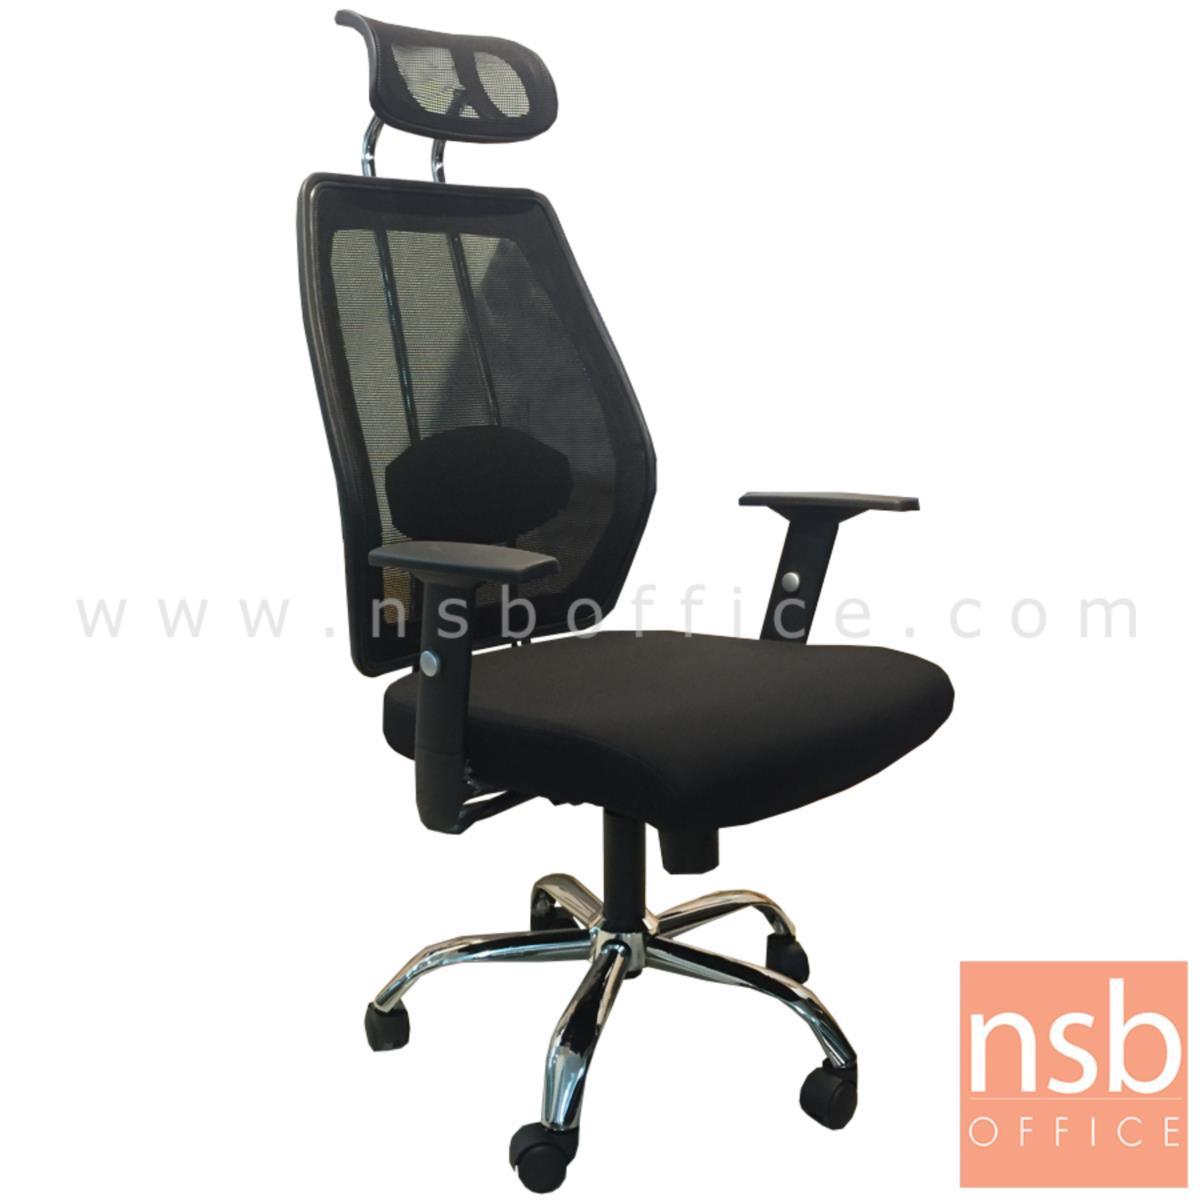 B24A191:เก้าอี้ผู้บริหารหลังเน็ต รุ่น Arlene (อาเลน)  โช๊คแก๊ส มีก้อนโยก ขาเหล็กชุบโครเมี่ยม